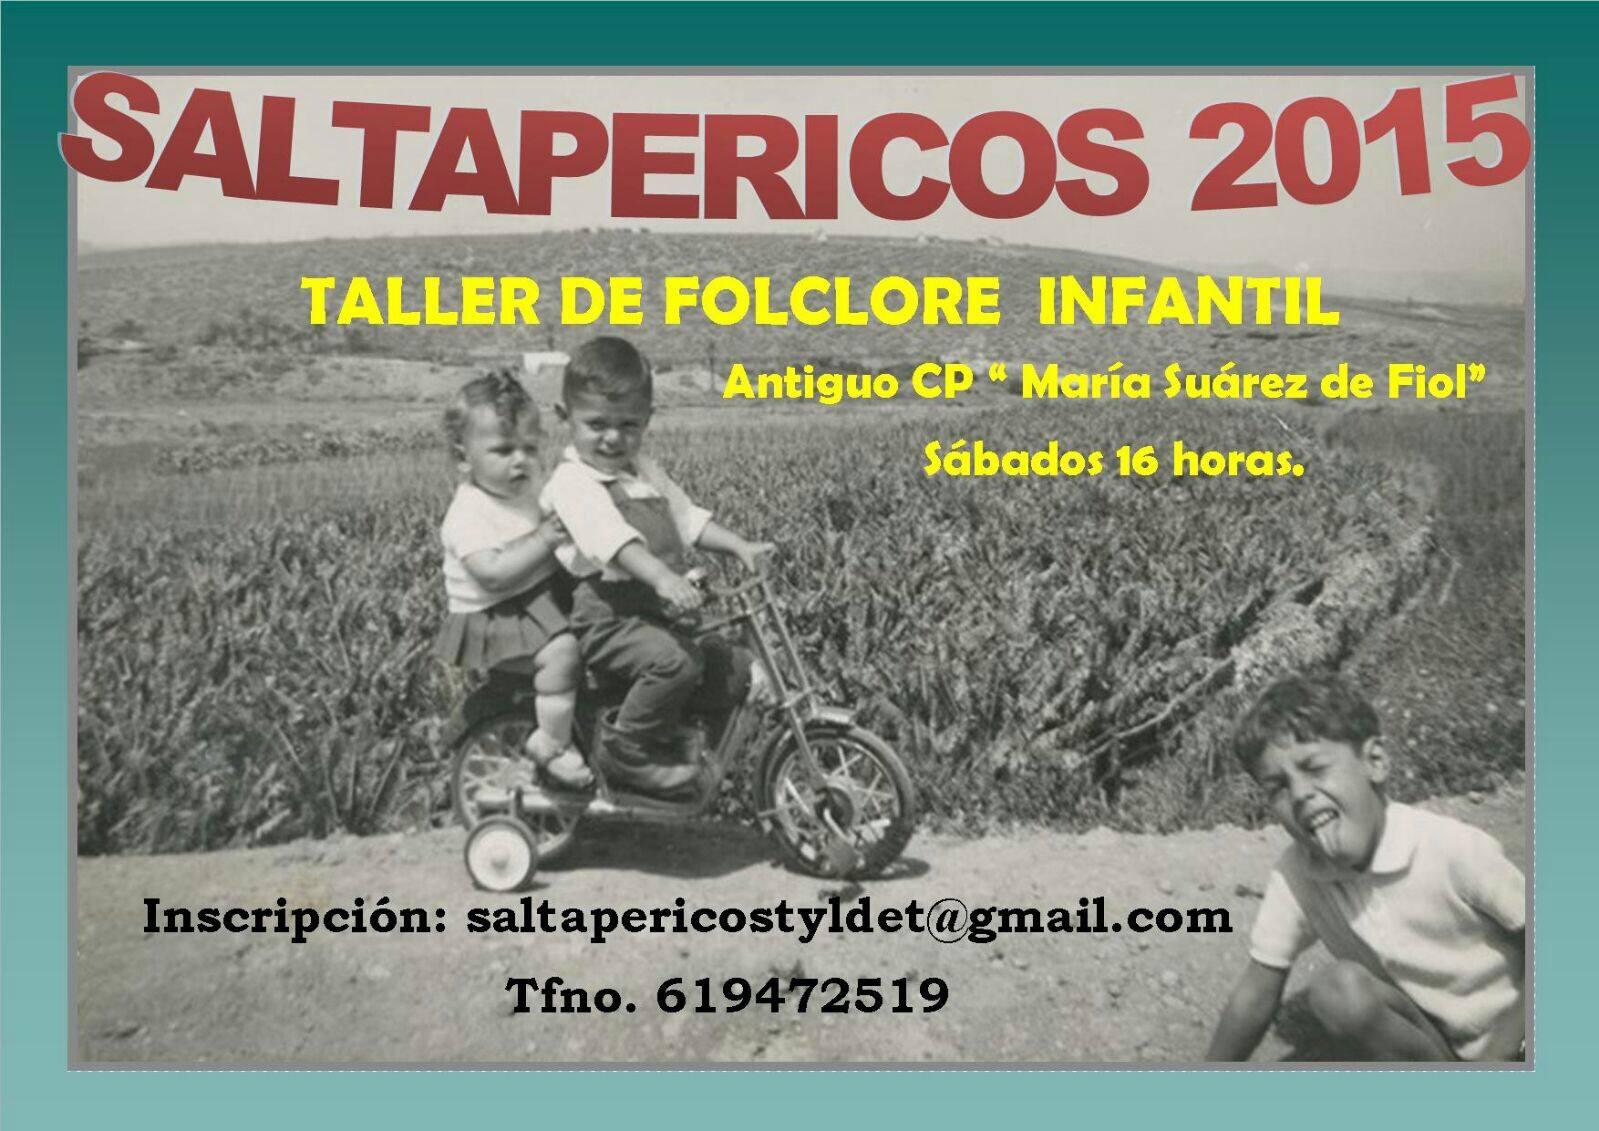 Los Saltapericos 2015/16